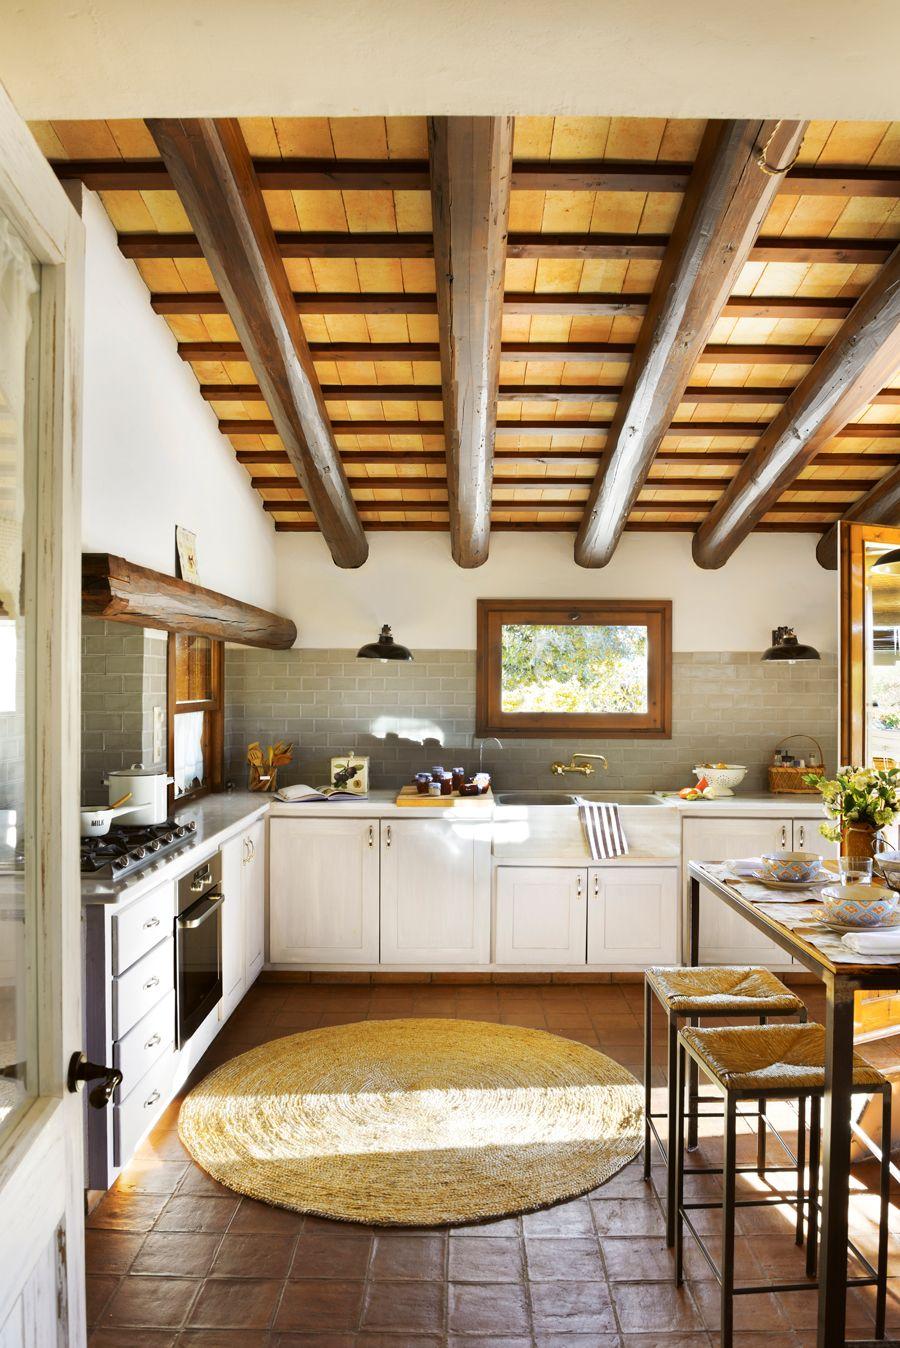 Las 10 cosas que debe tener una cocina r stica cocinas for Como decorar una cocina rustica pequena